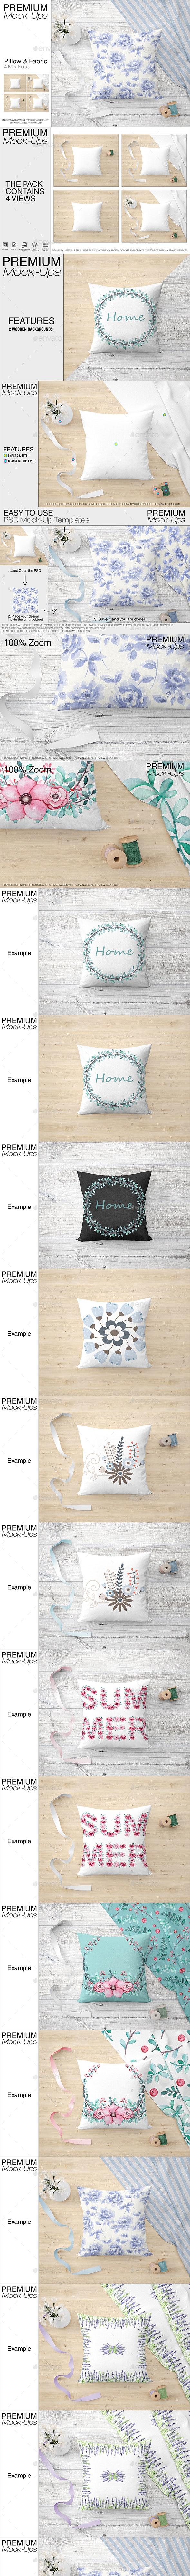 Pillow & Fabric Set - Print Product Mock-Ups